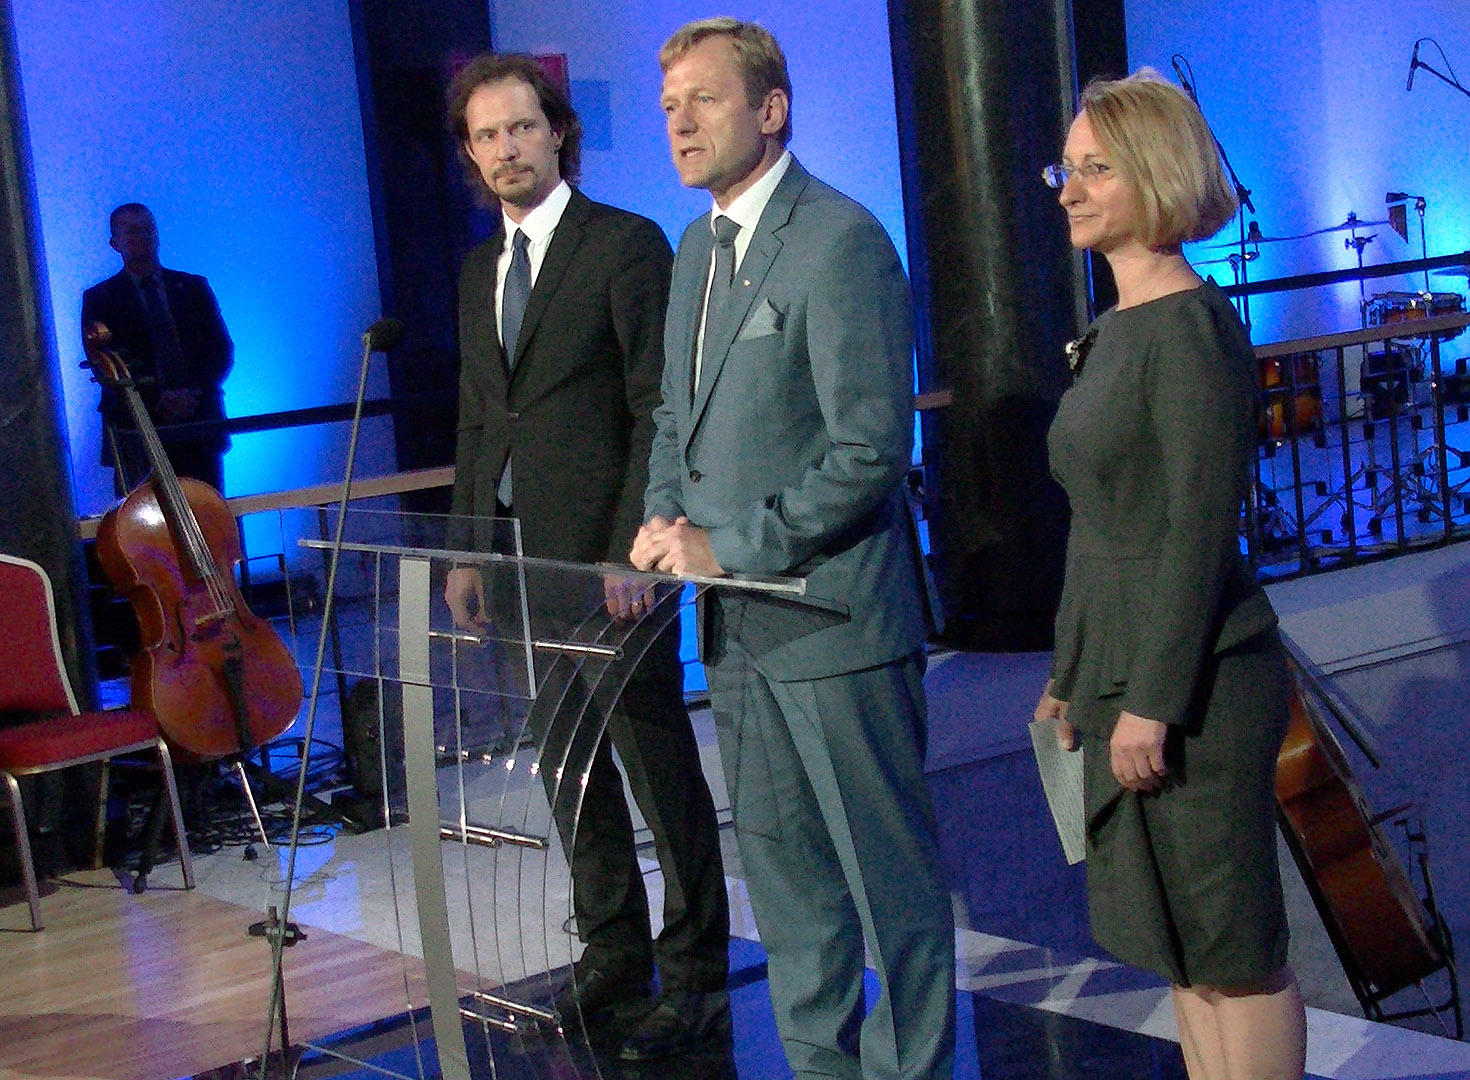 Sveikina Lietuvos Respublikos Kultūros ministras Šarūnas Birutis |Alkas.lt, A. Sartanavičiaus nuotr.